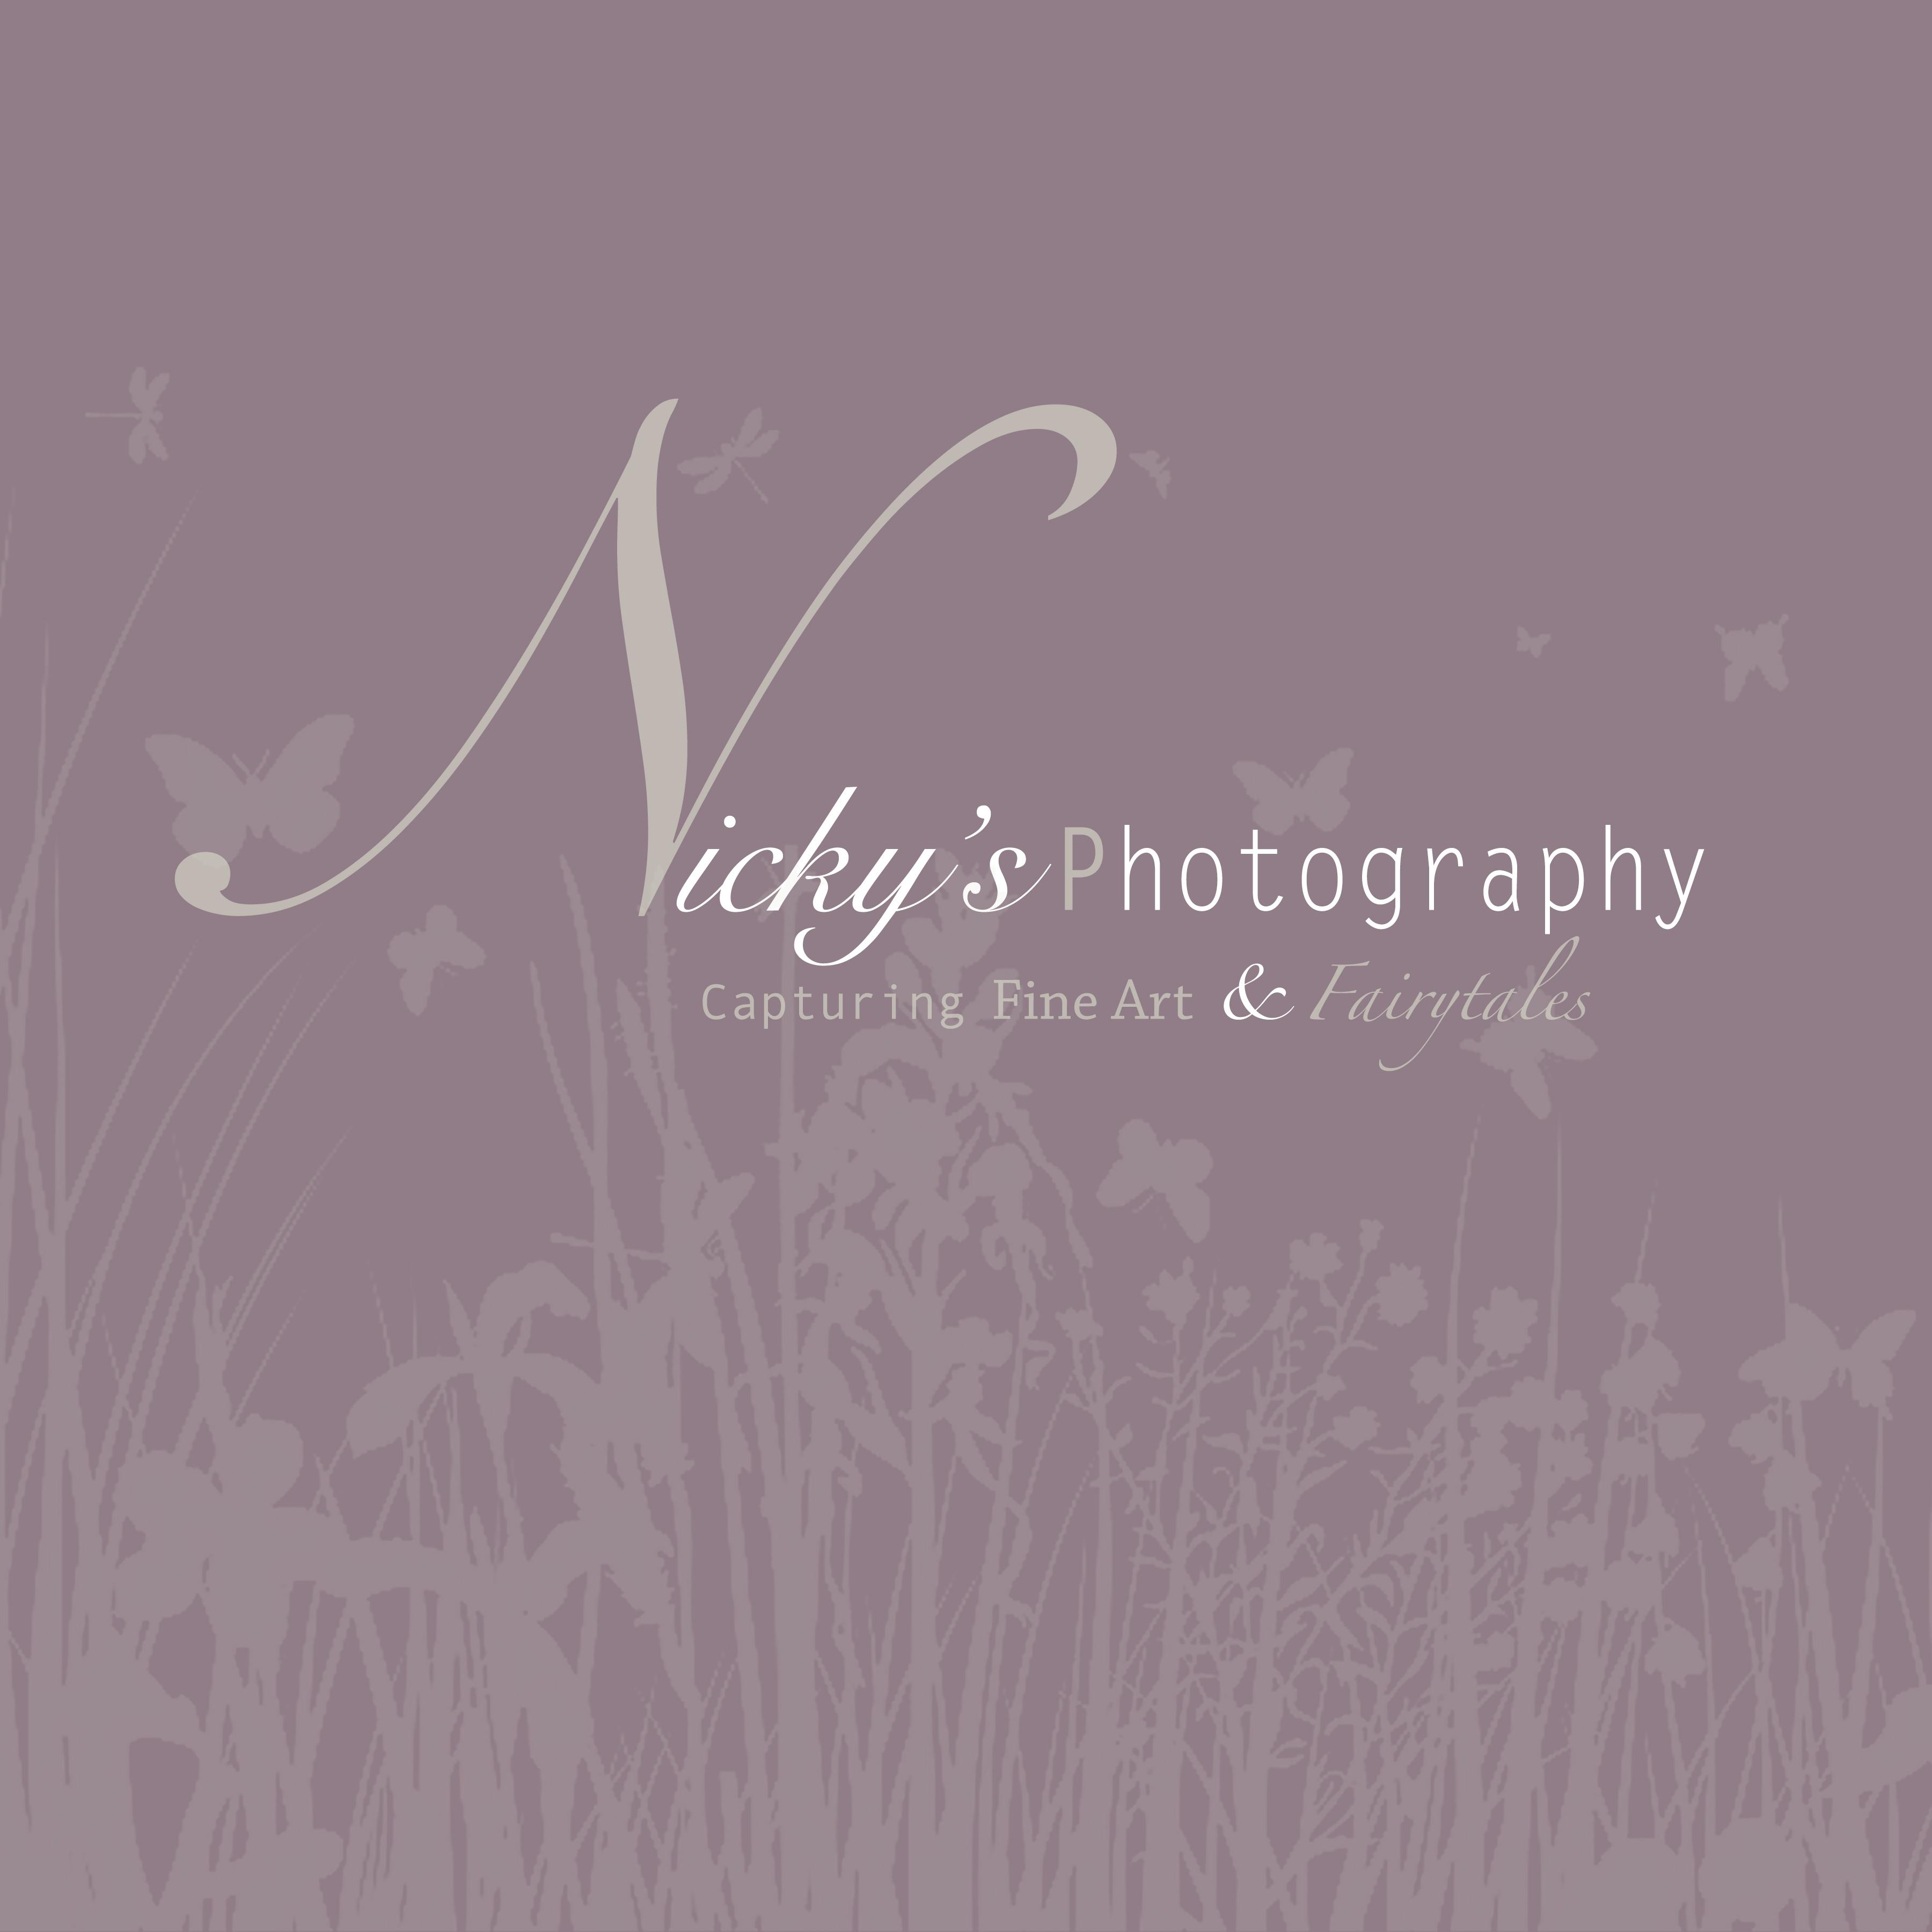 Nicky's Photography (NPhotography)